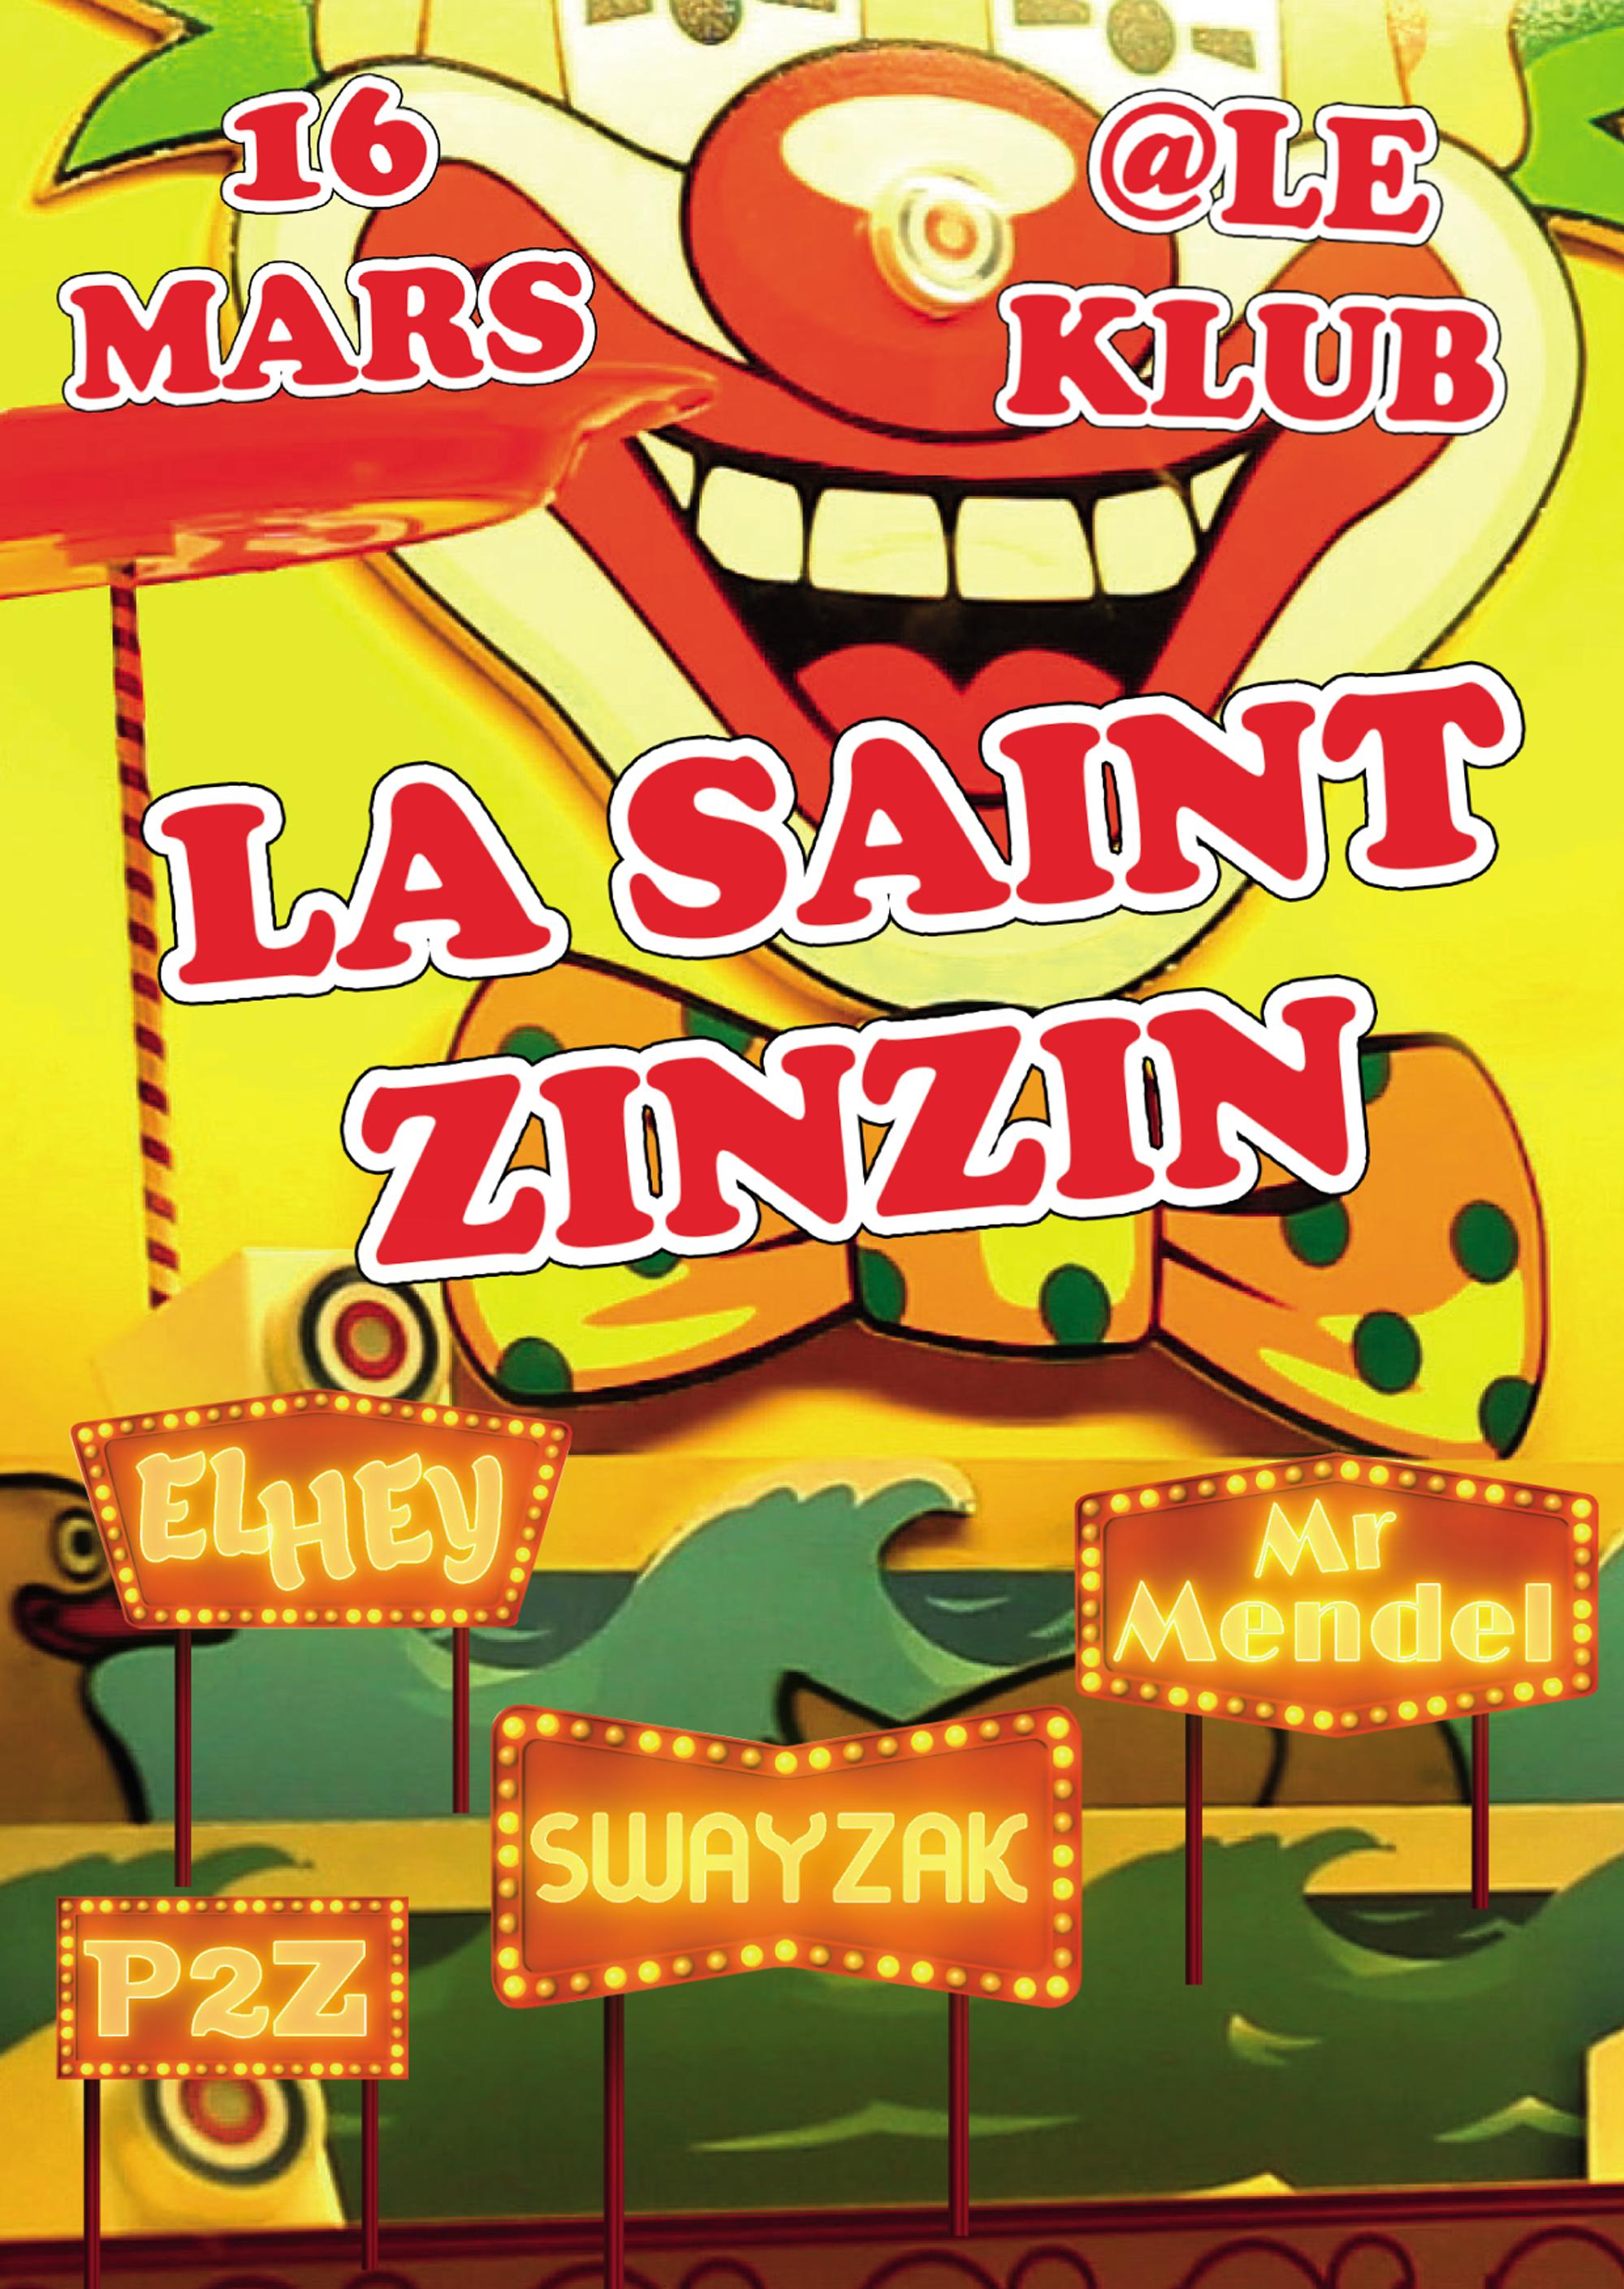 LA SAINT ZINZIN ■ 16.03